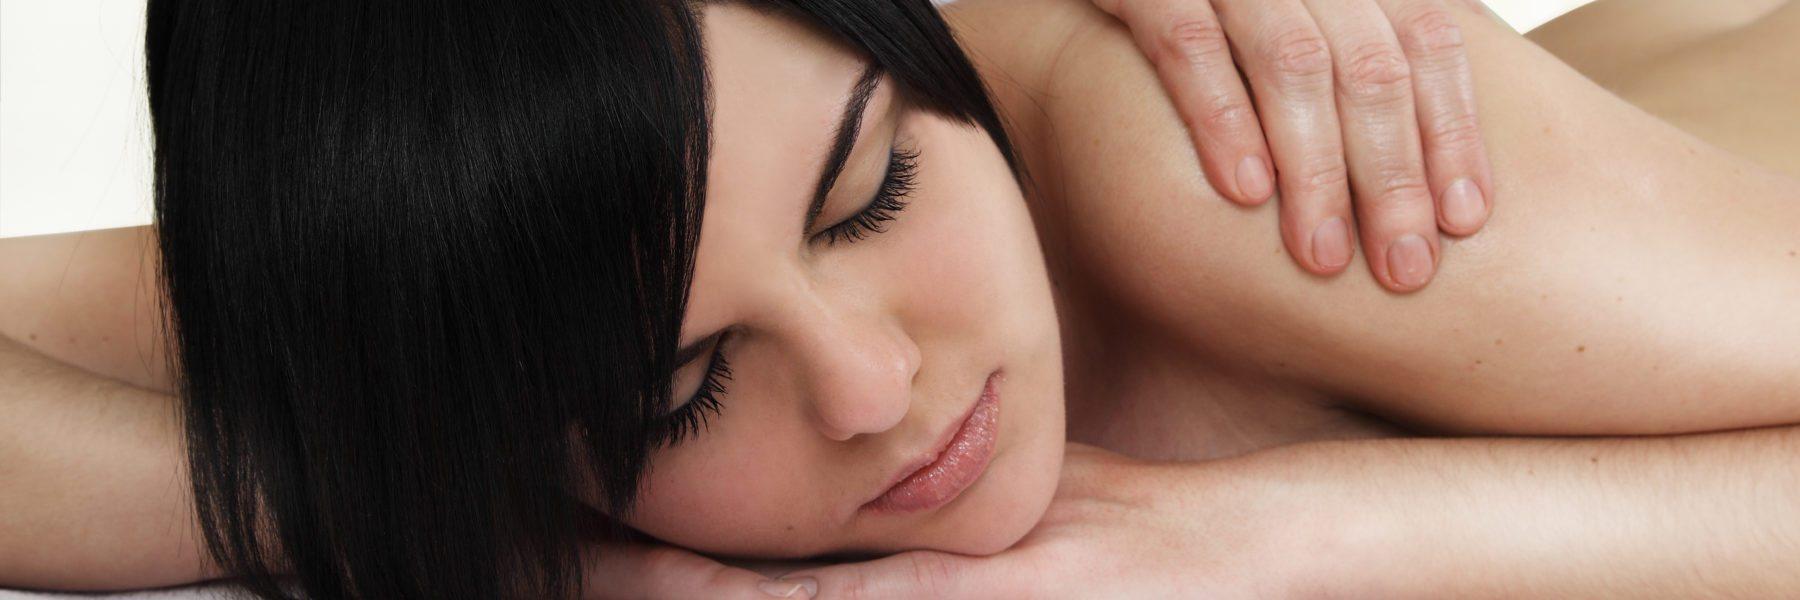 Massagen Wellness Krone Au Bregenzerwald